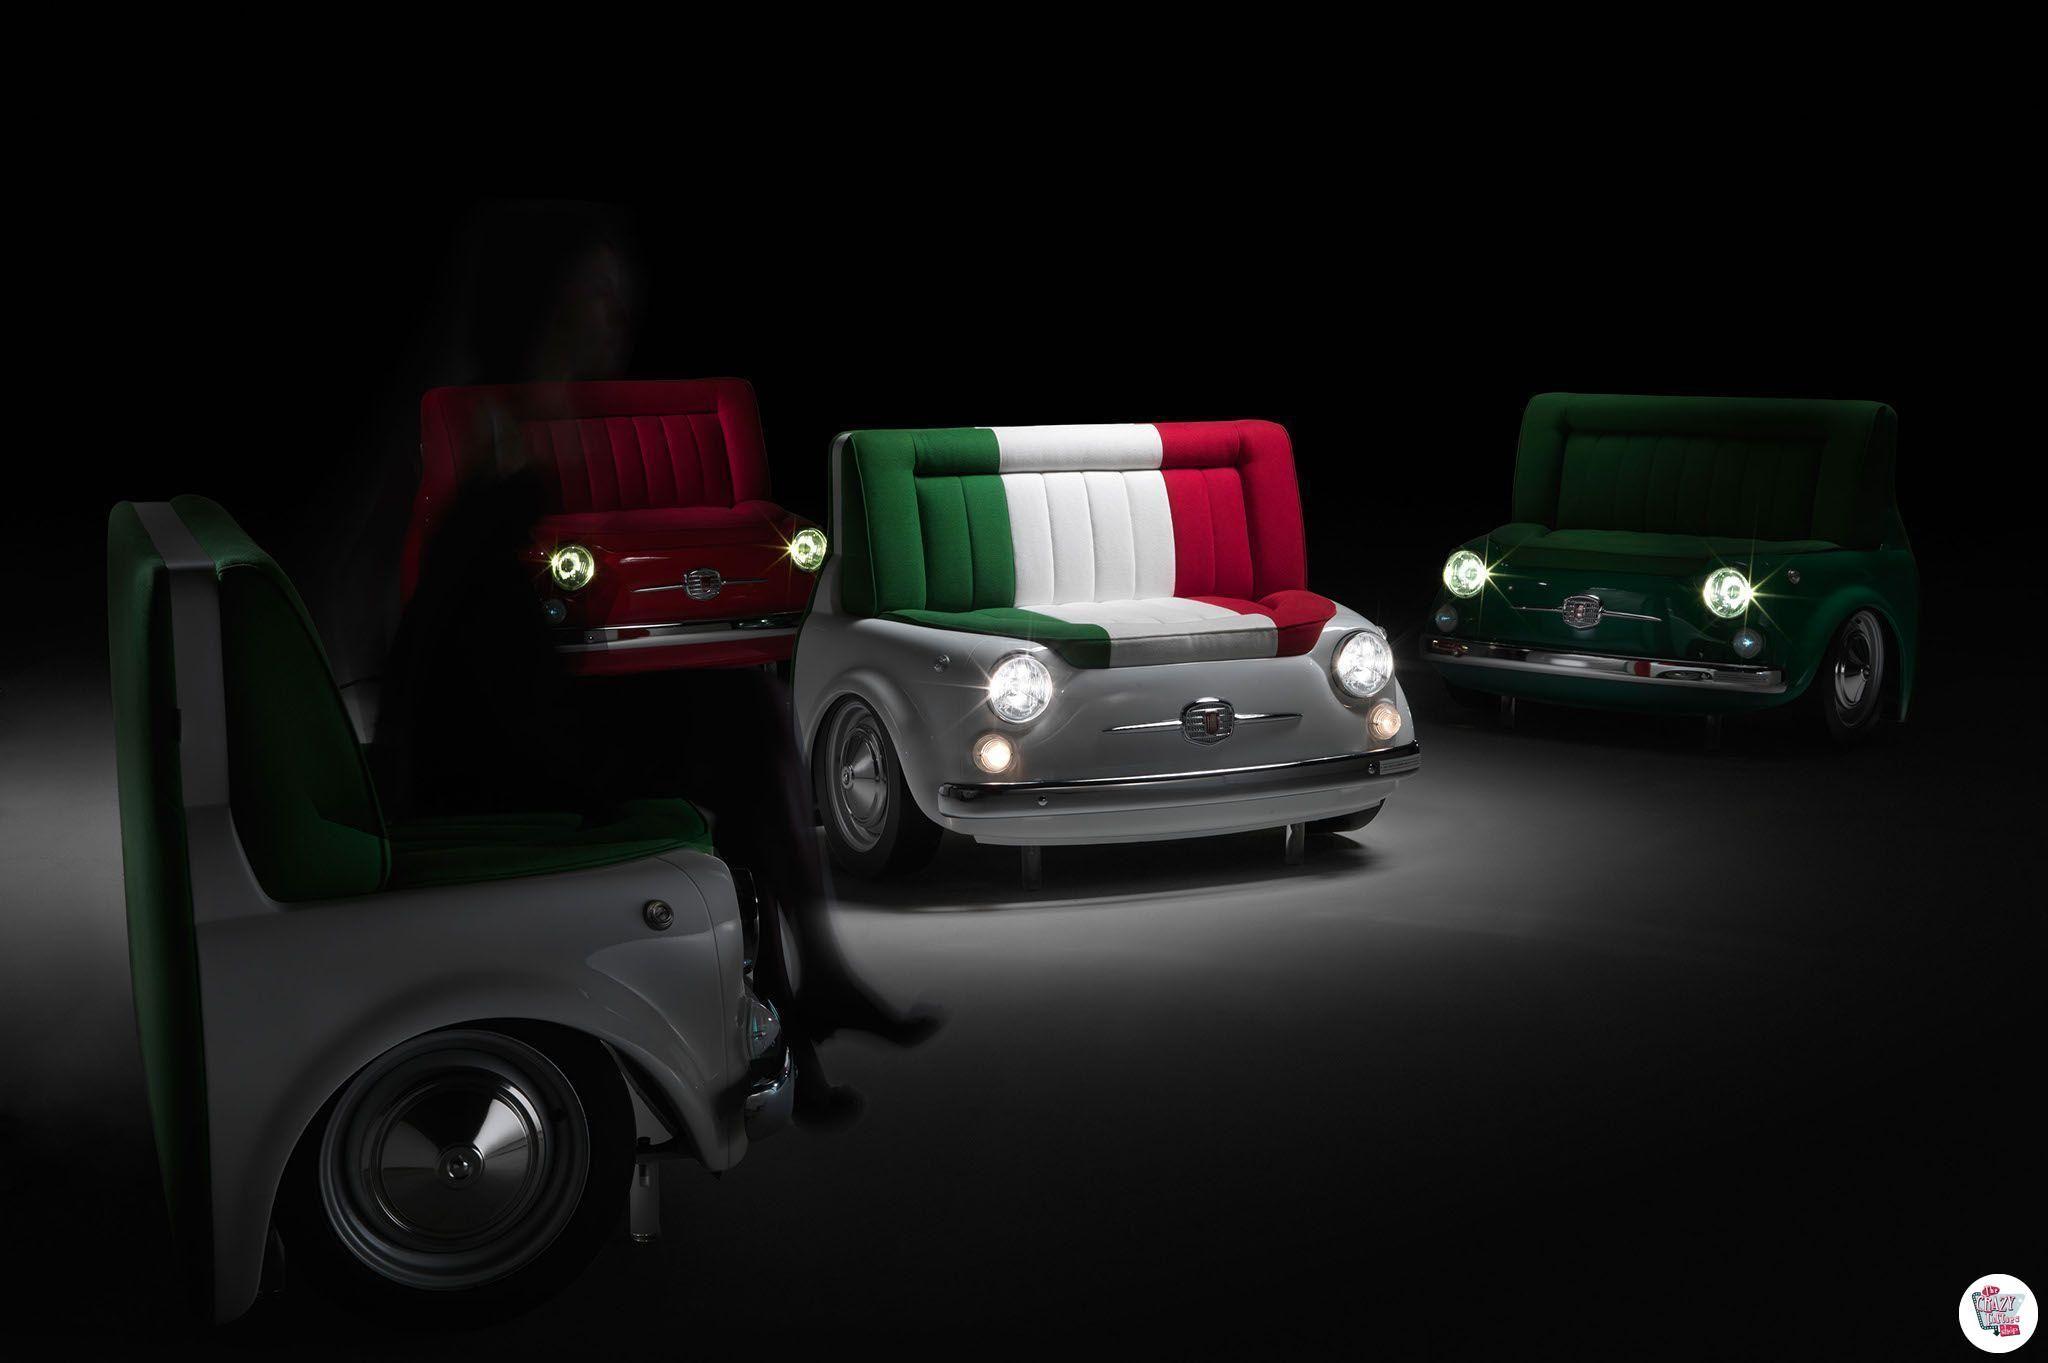 Fiat divano 500 Panorama